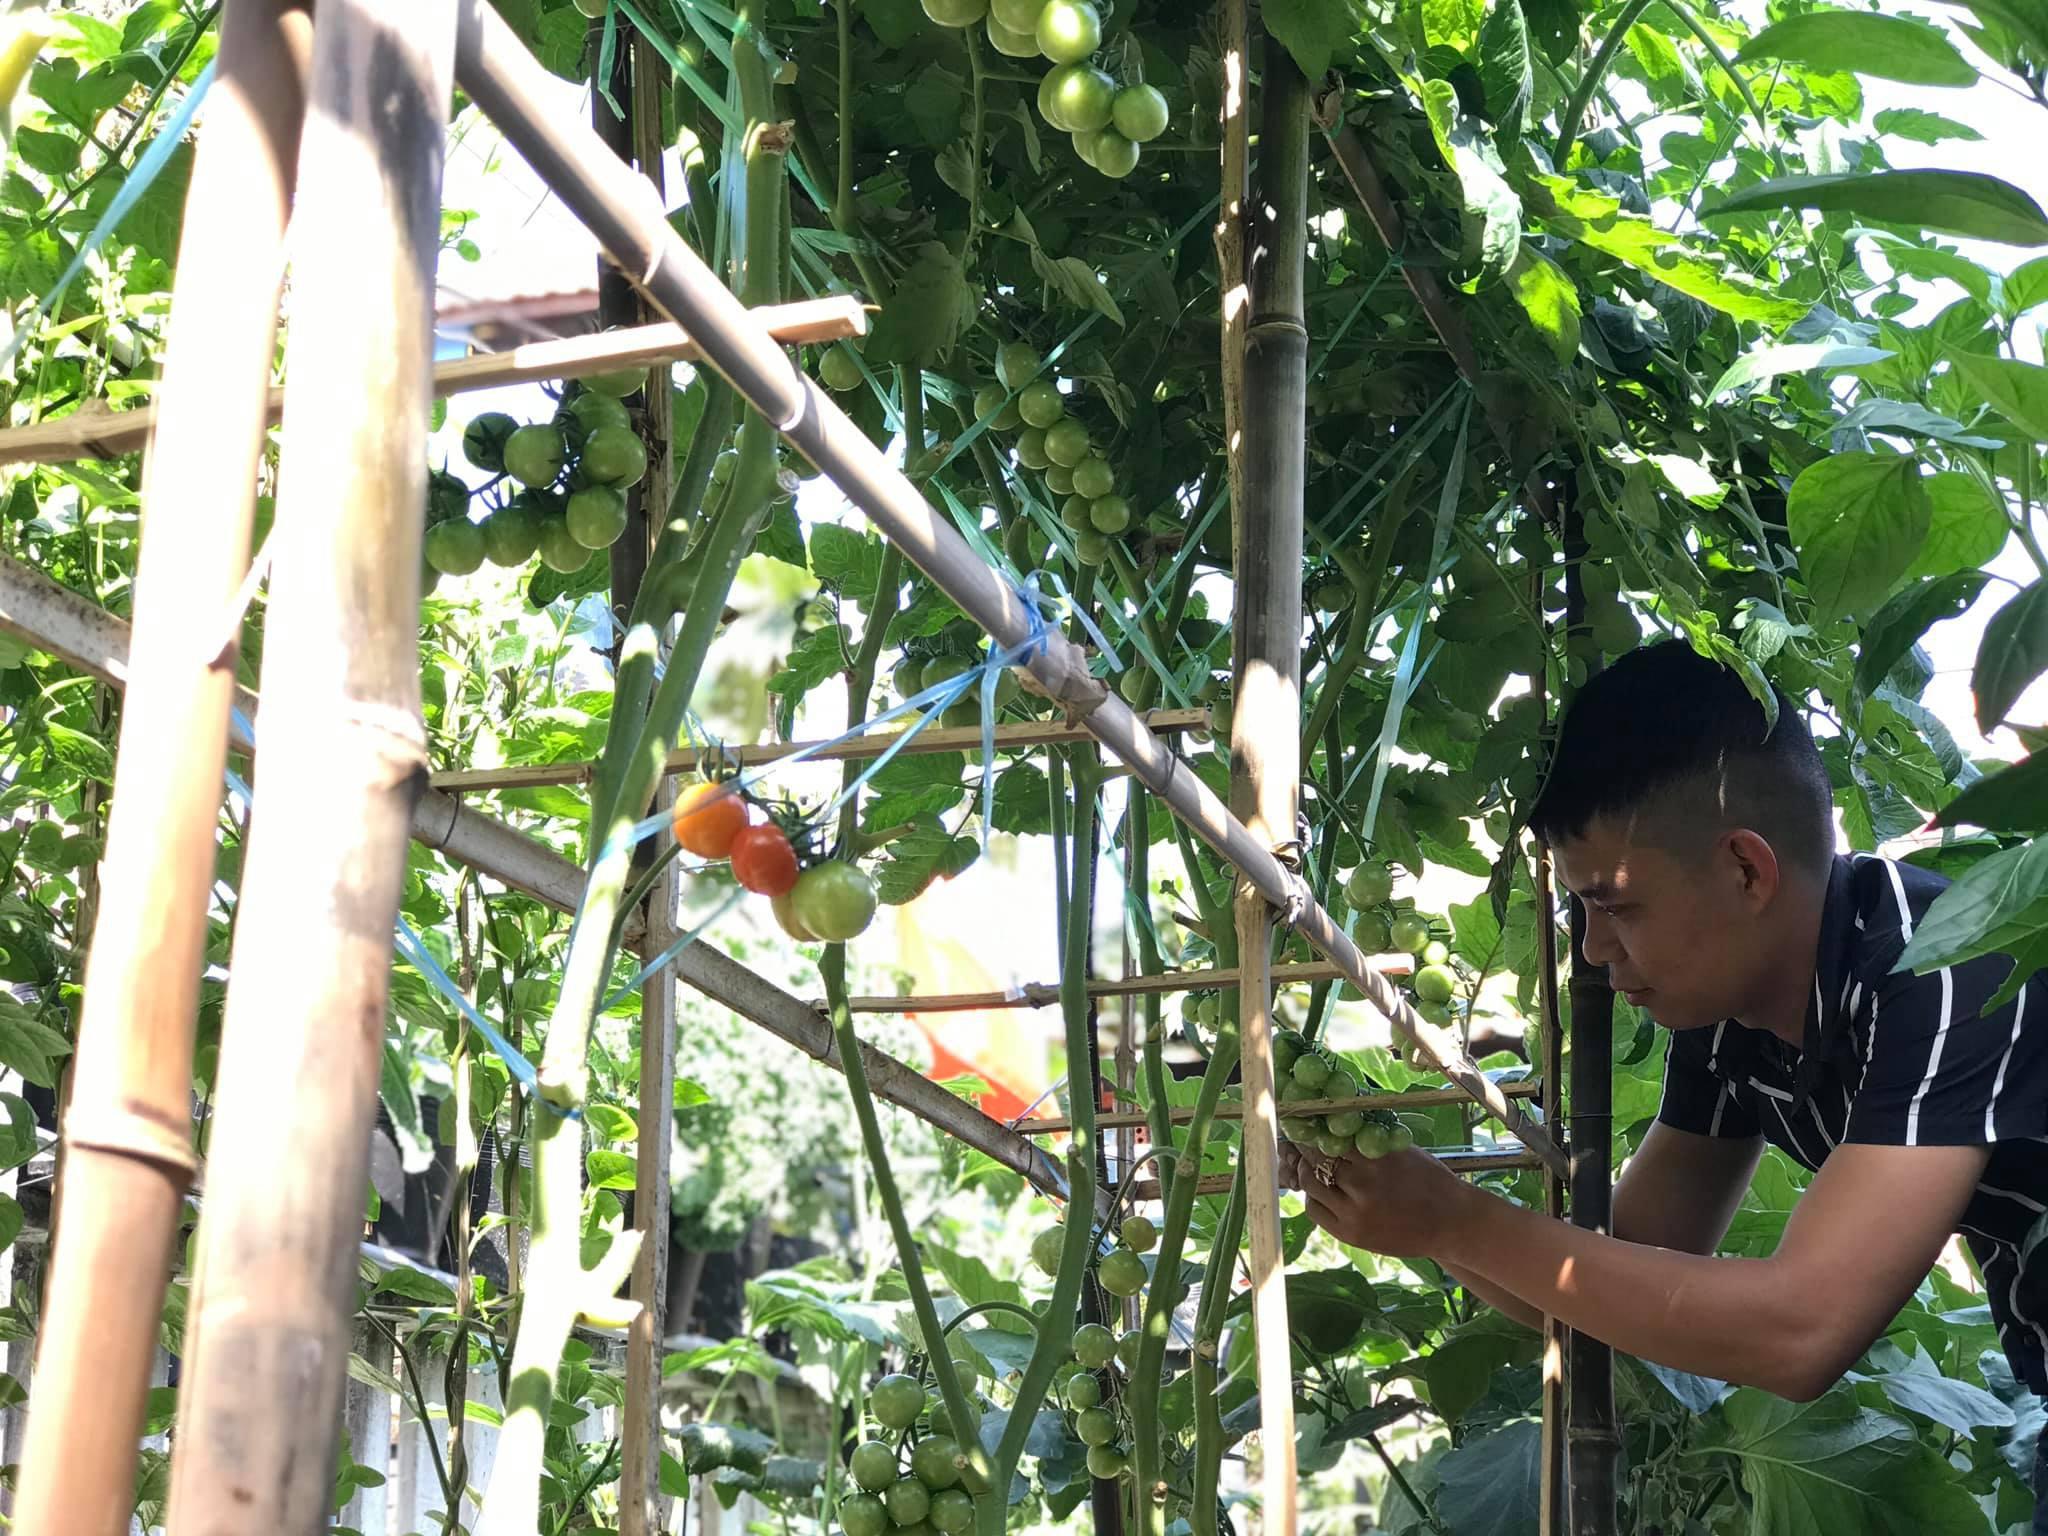 Vườn 60m2 đủ loại rau trái, vợ chồng trẻ ở Quảng Nam không phải đi chợ - 3